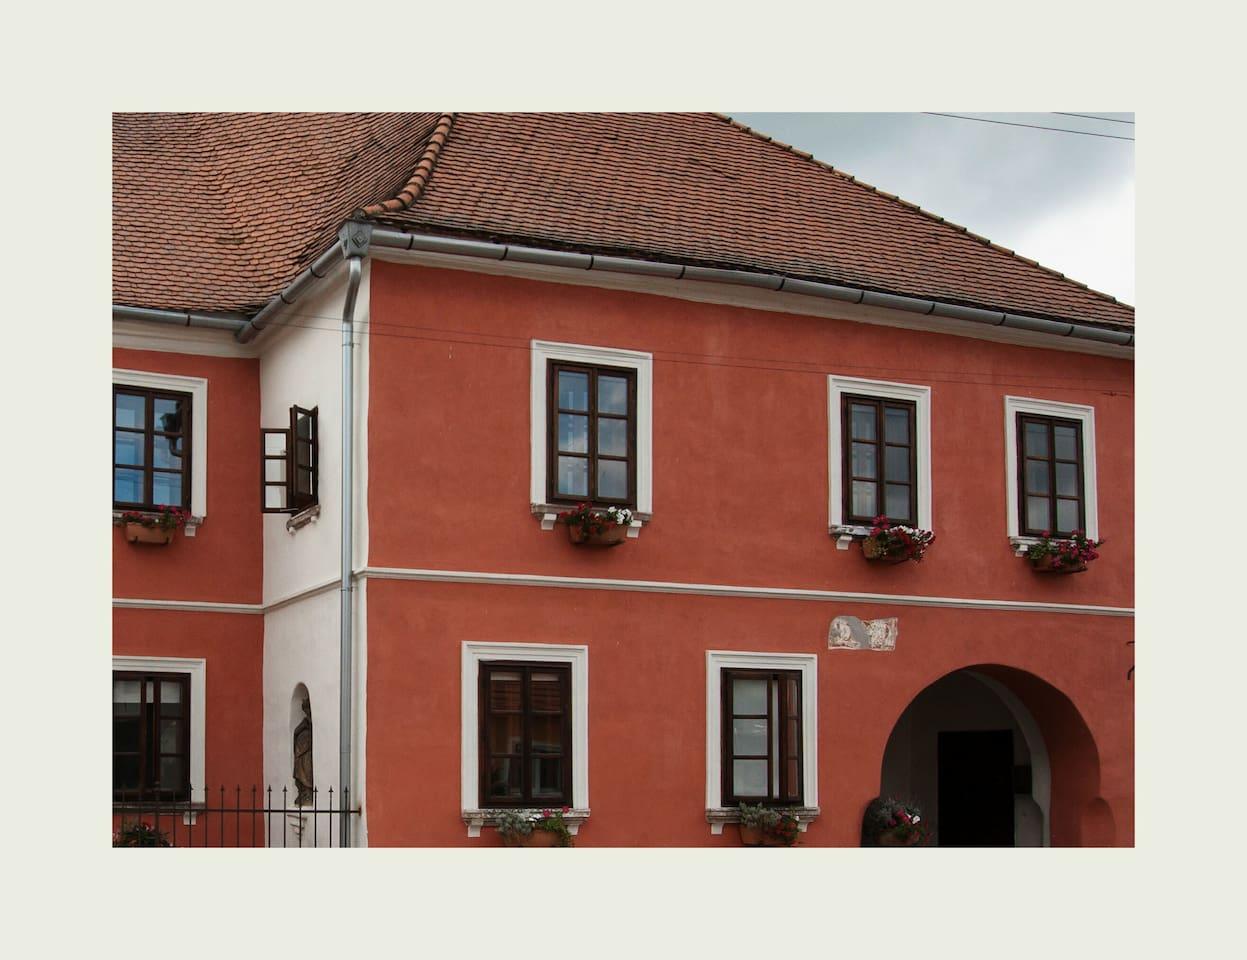 Apartmán Moruše 3 nadherny renesancni pokoj